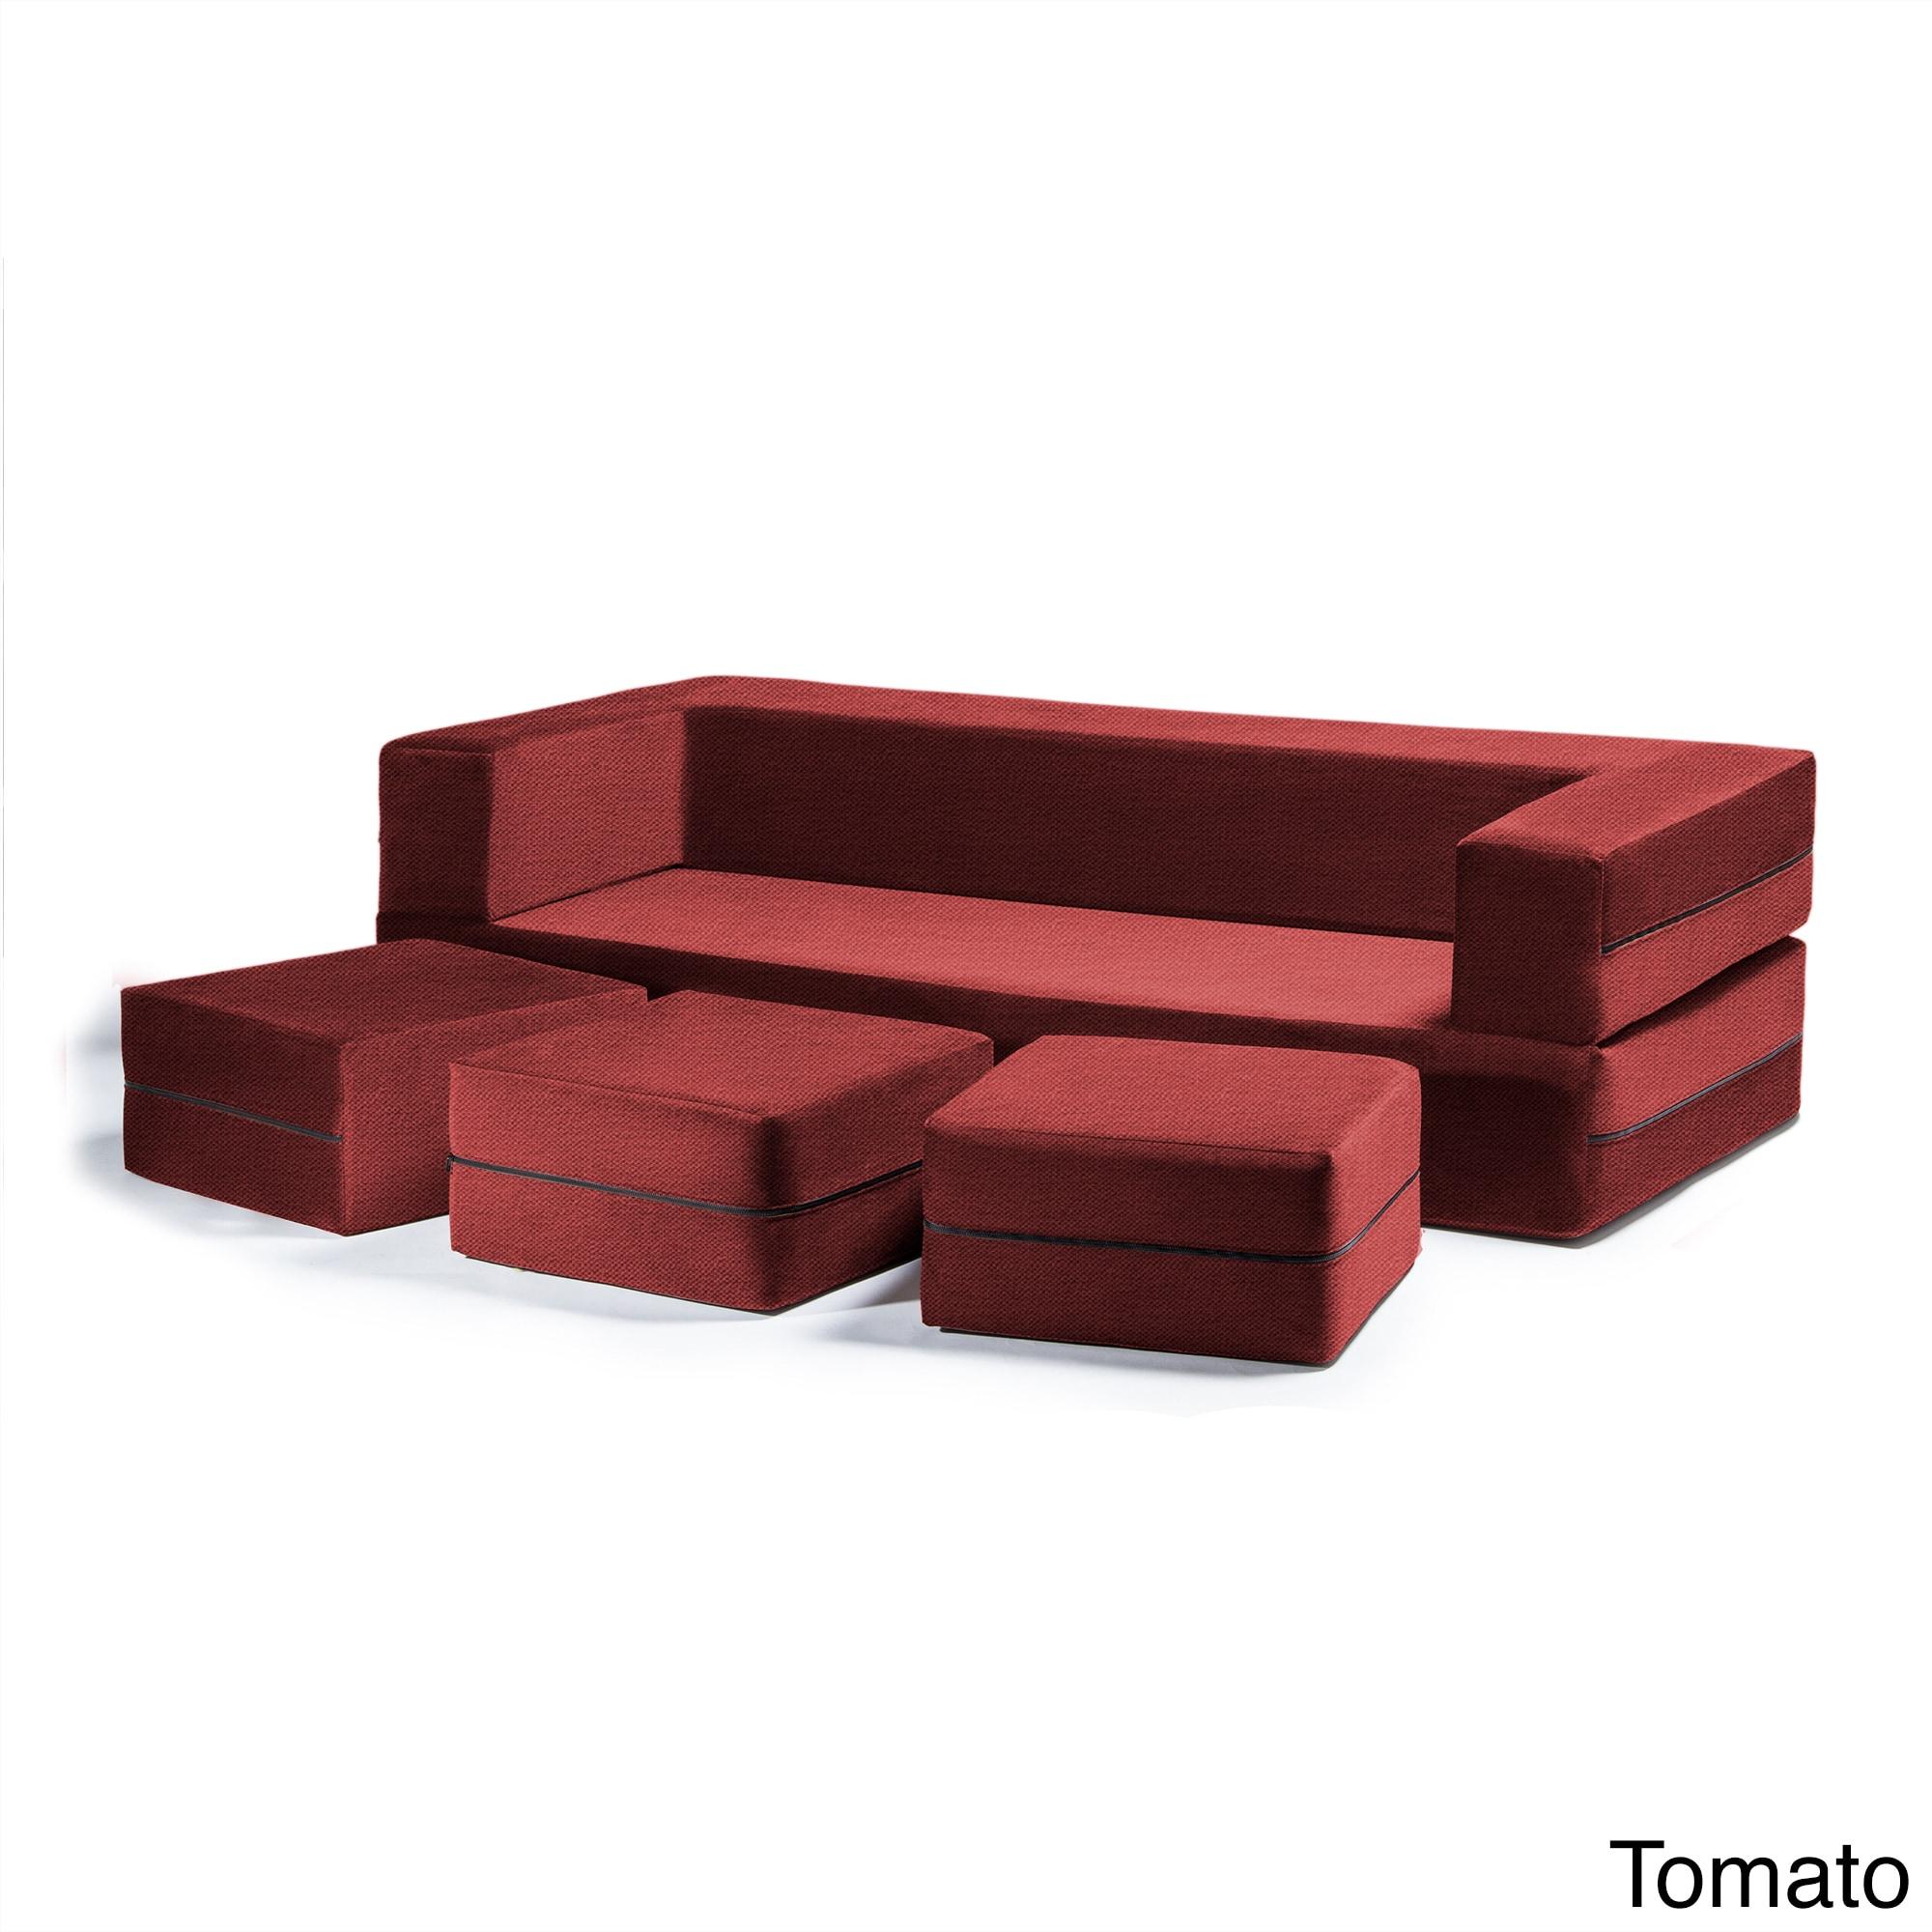 Shop porch den amanda california king convertible sleeper sofa and ottomans free shipping today overstock com 10704078